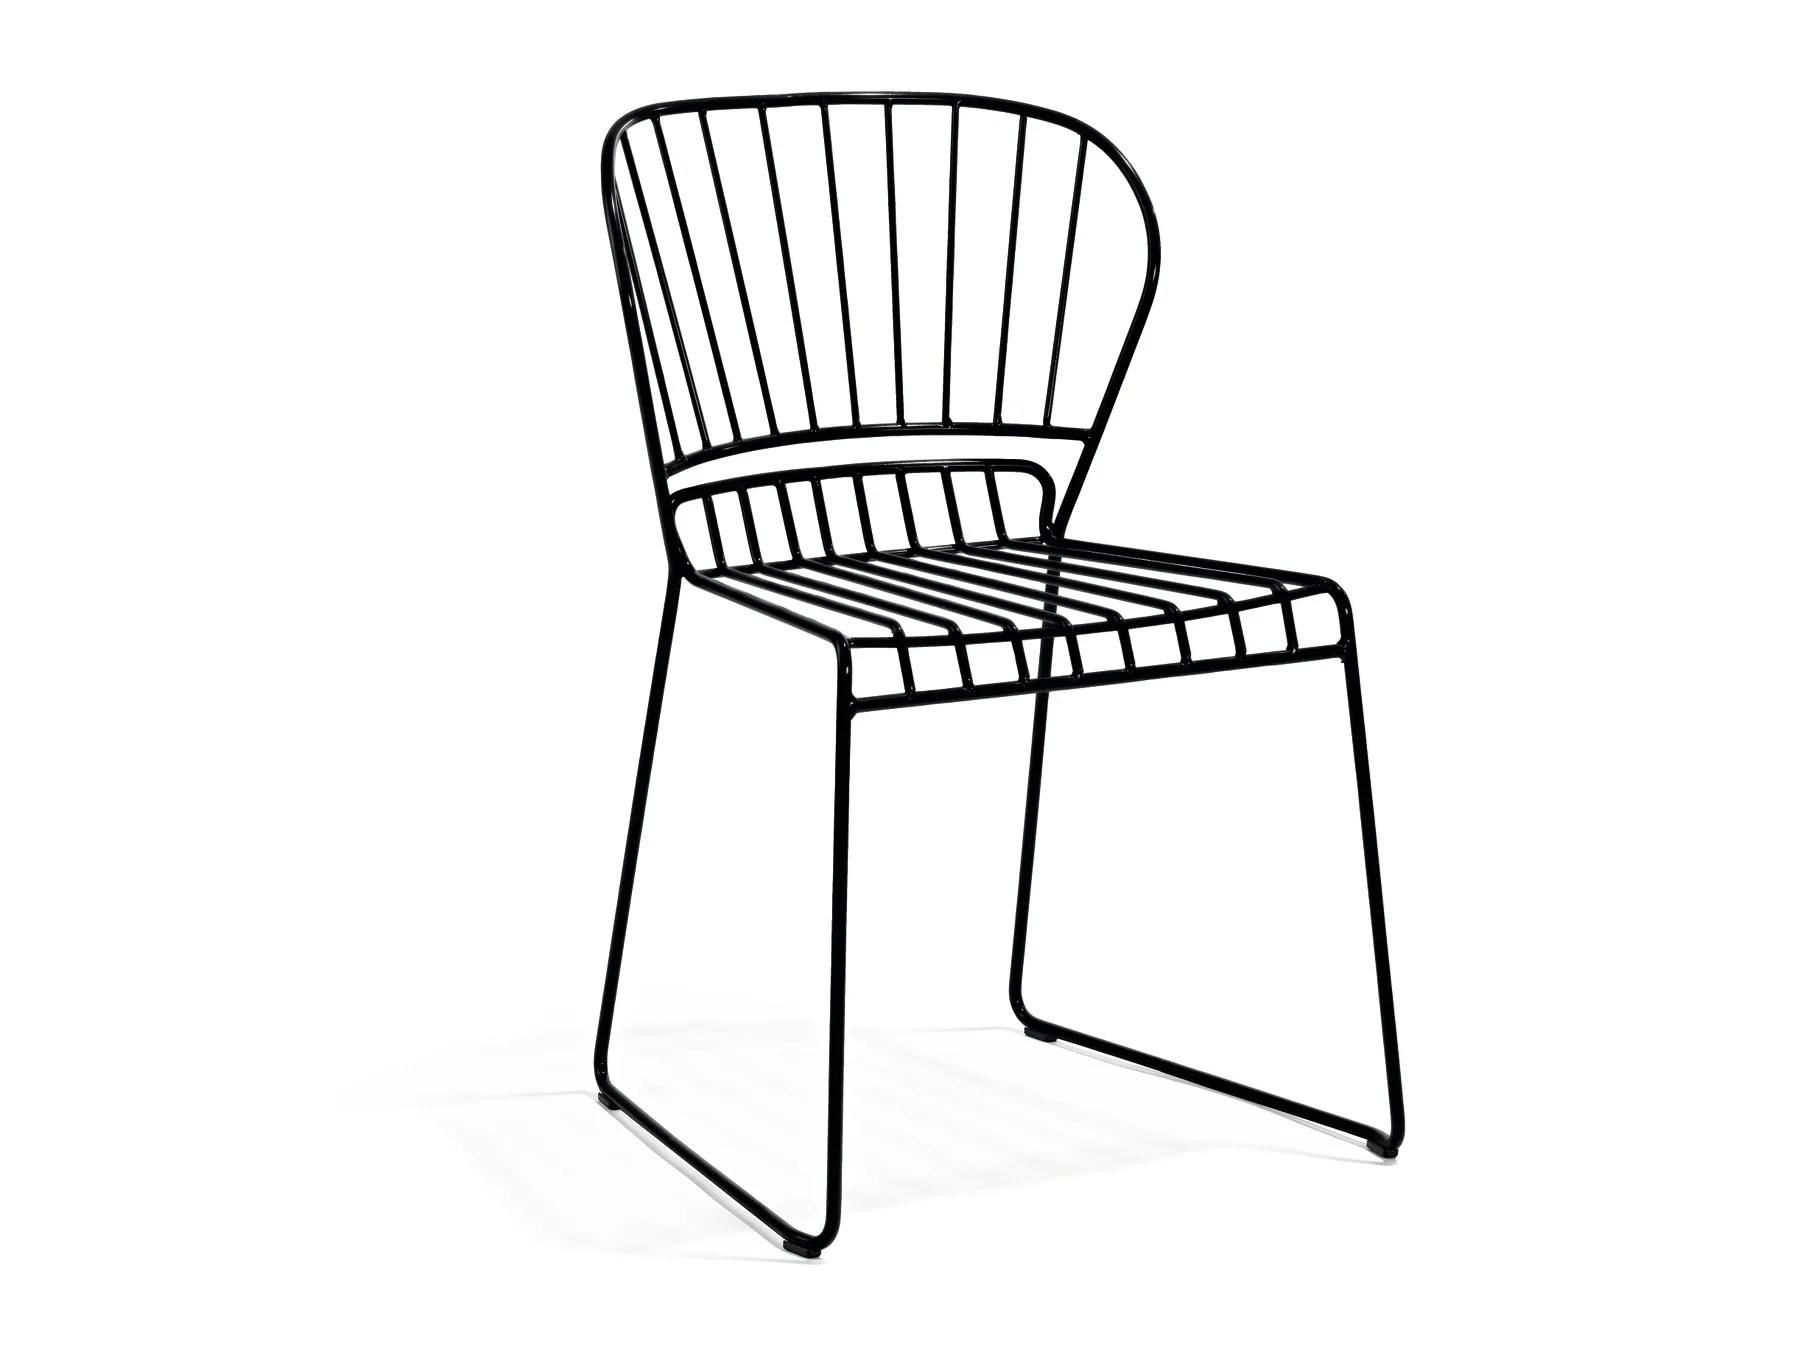 Reso Steel Garden Chair By Skargaarden Design Matilda Lindblom